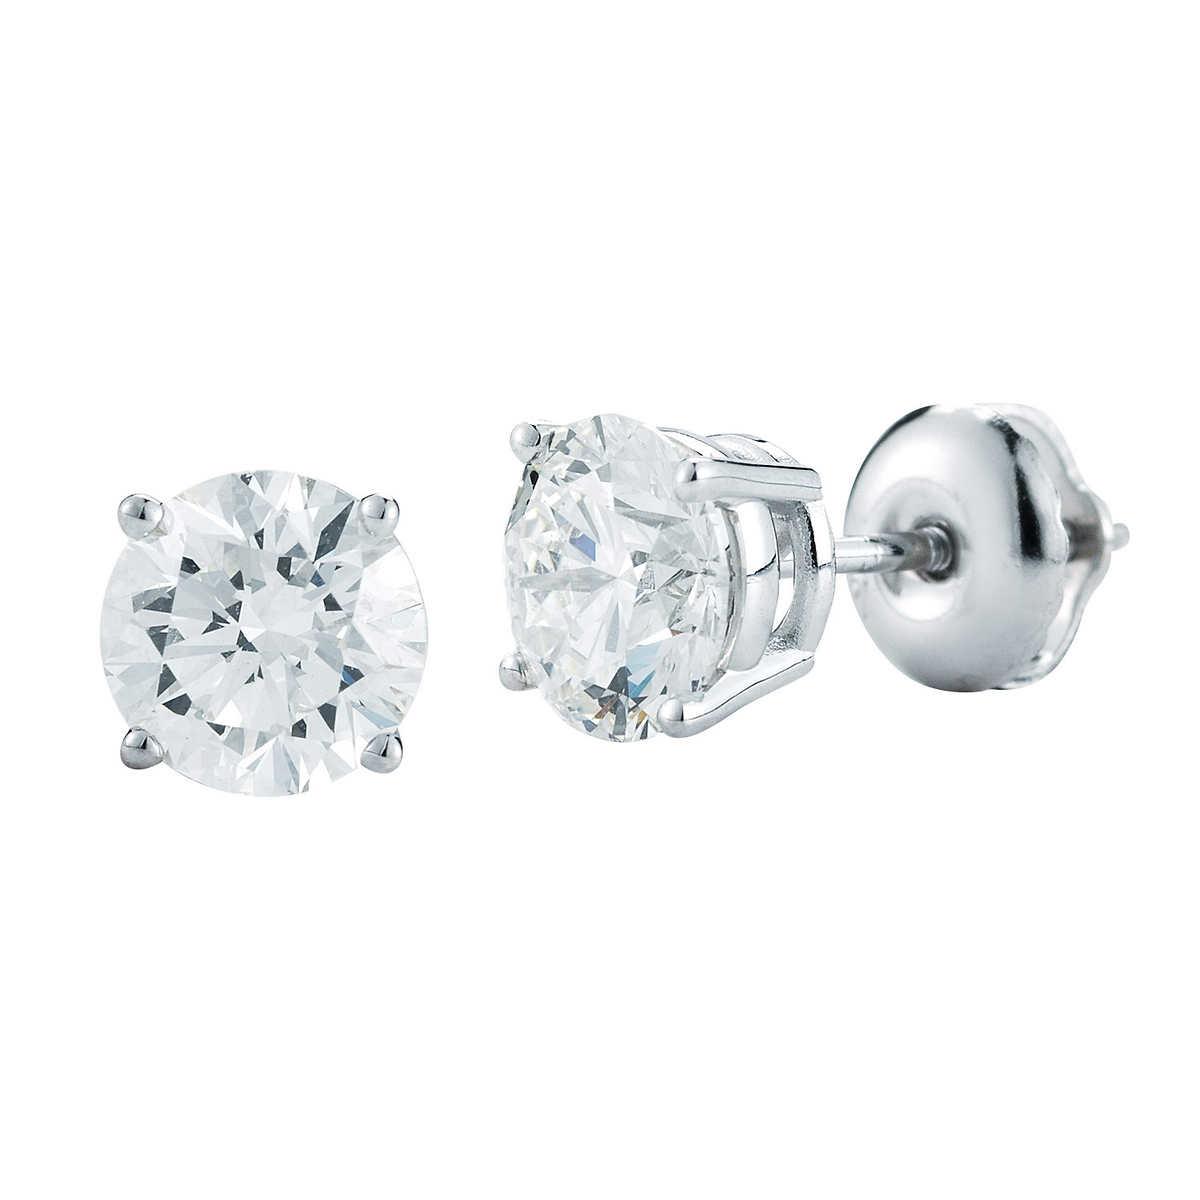 Round Brilliant 100 Ctw Vs2 Clarity, I Color Diamond Platinum Screwback Stud  Earrings